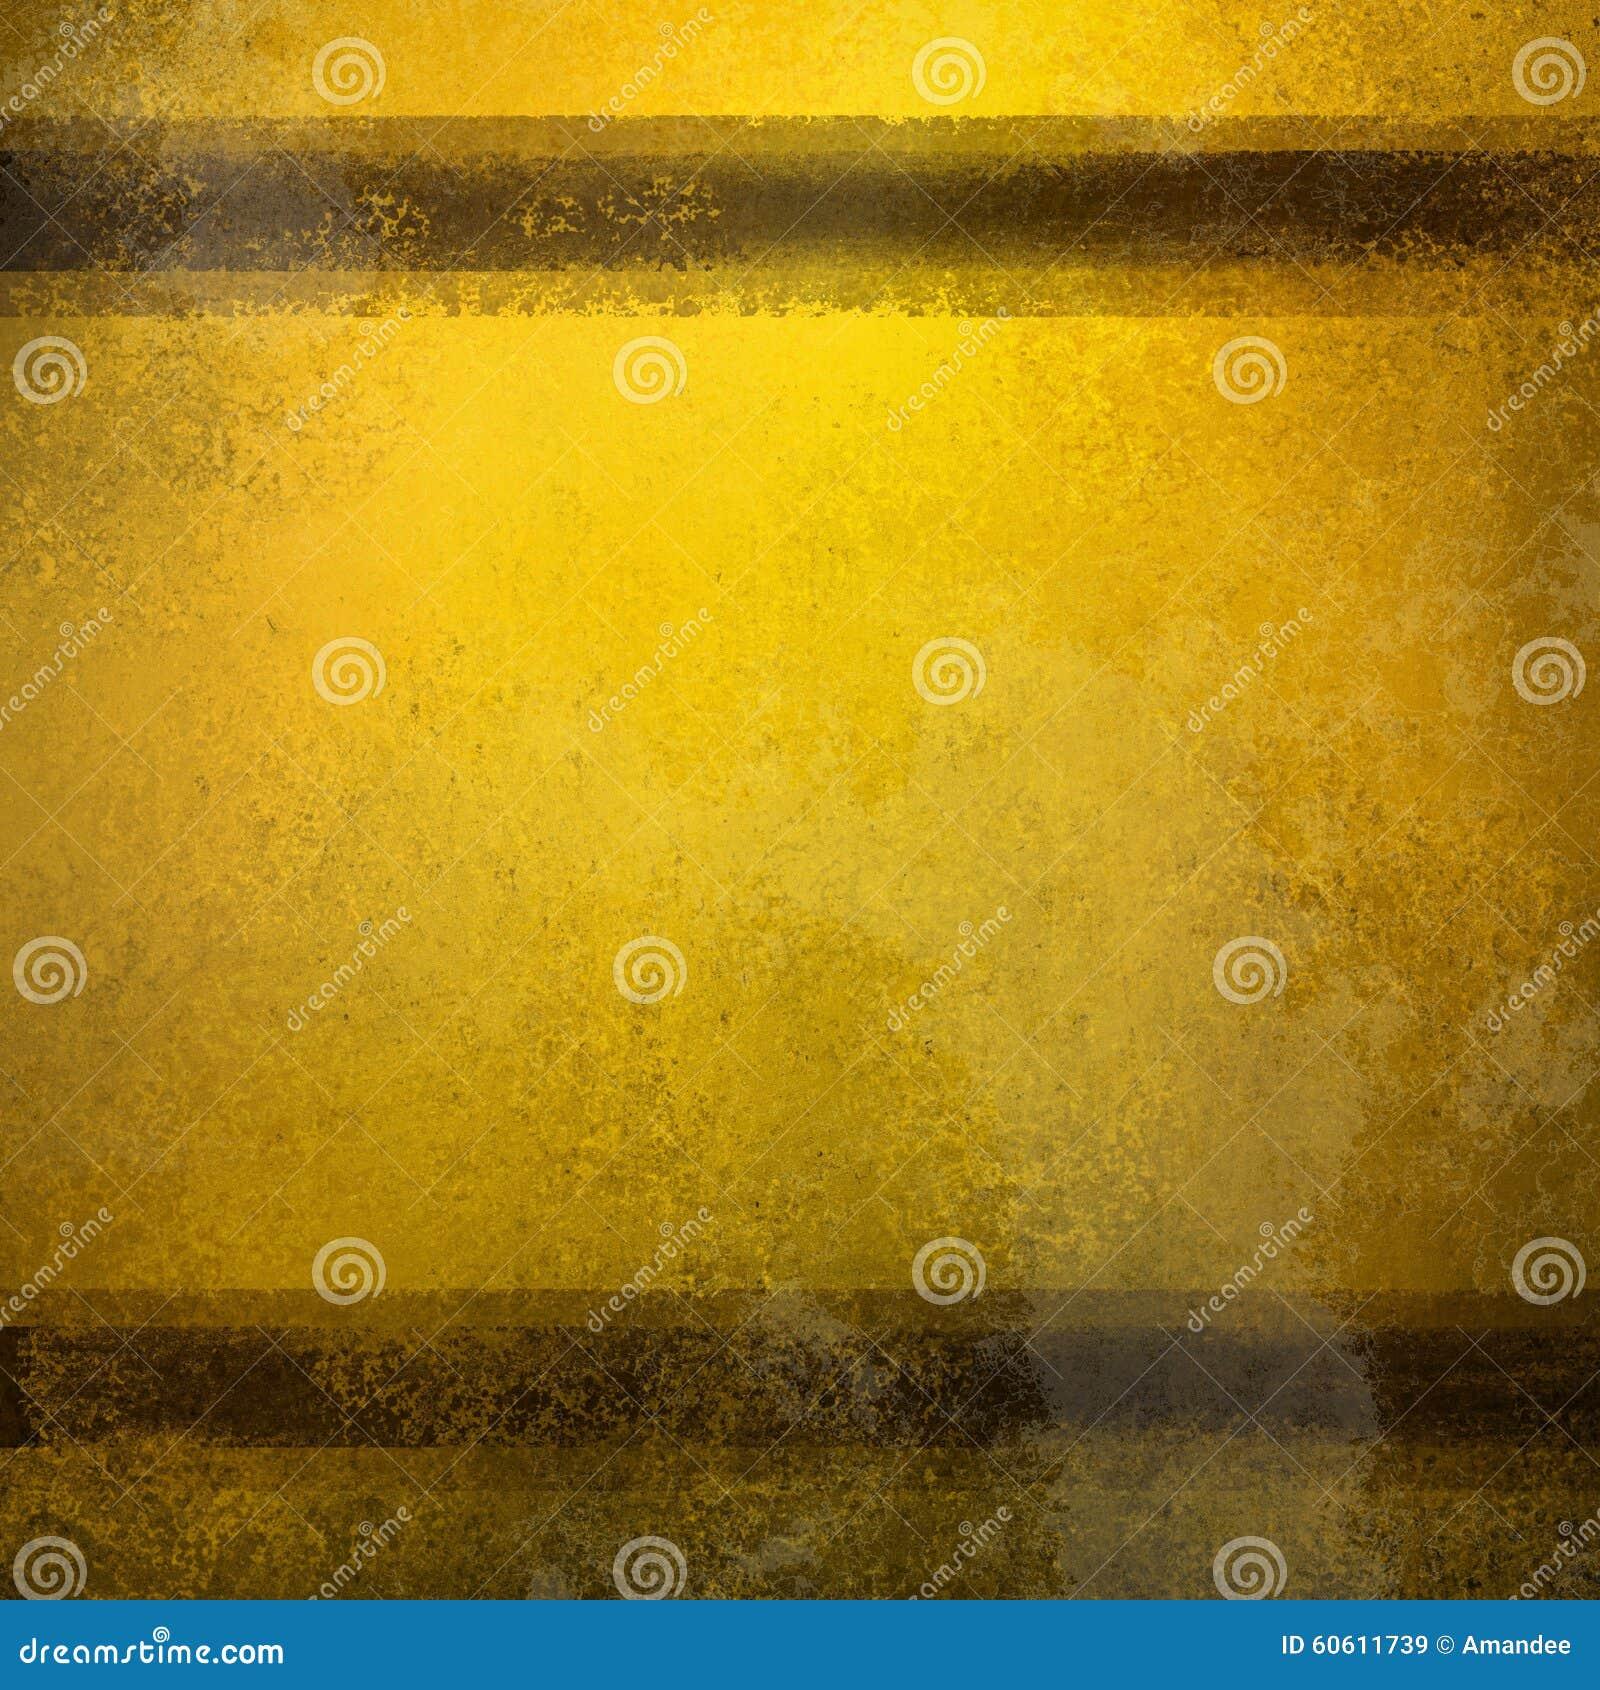 Fond d or de vintage avec les rayures brunes et la vieille texture fanée affligée et les taches